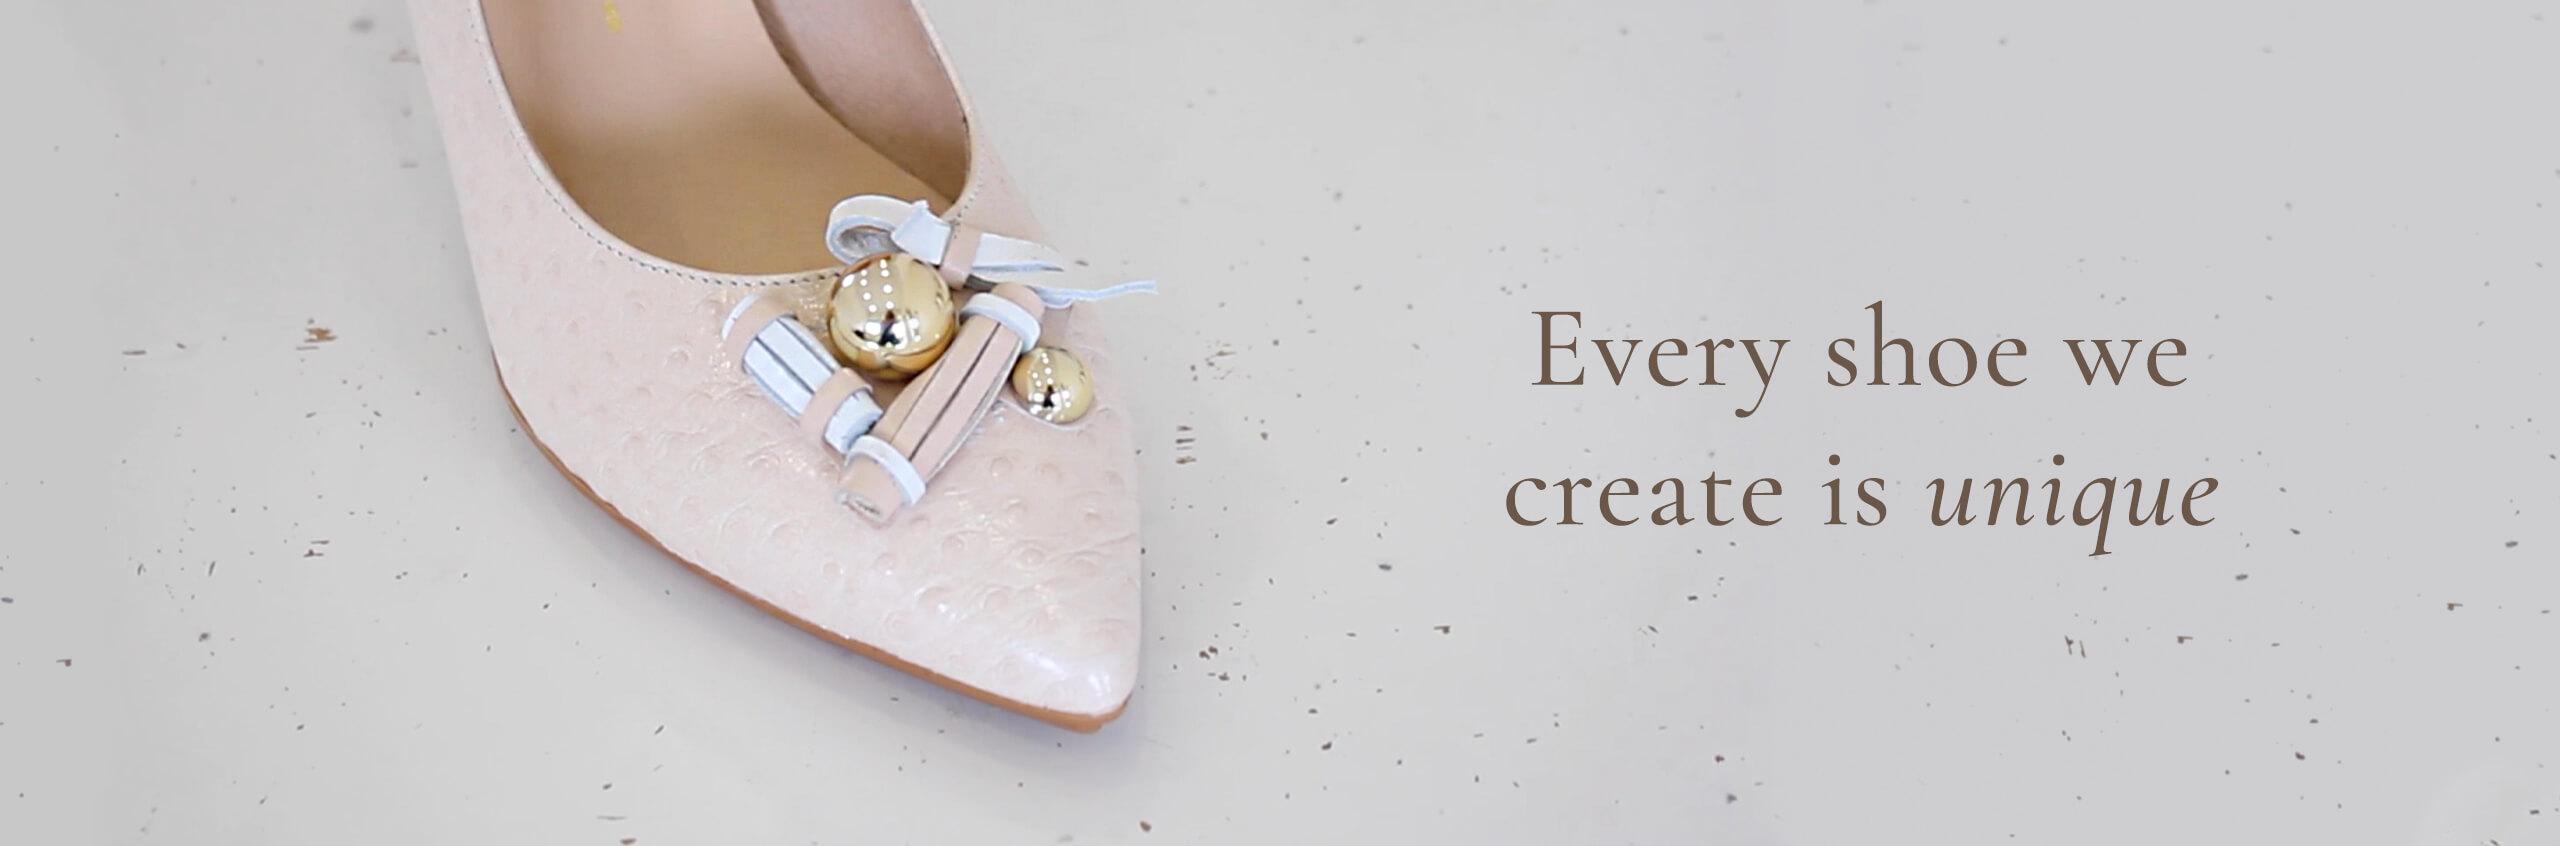 Handmade sewing machine